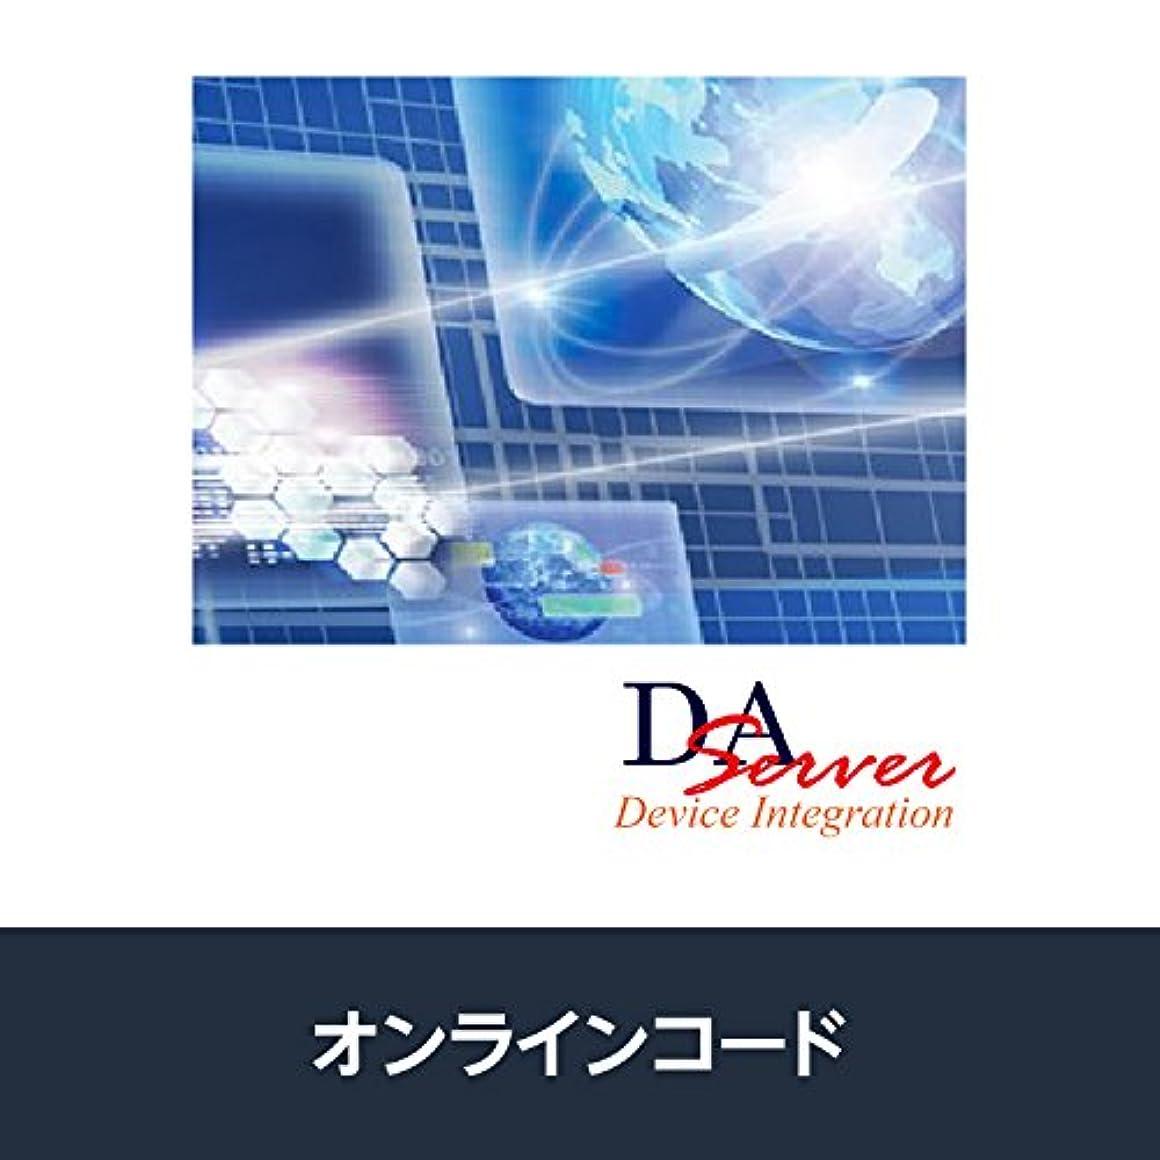 乗算持っている森林MELSEC Board DAServer(最新) Ver.2.30 |オンラインコード版